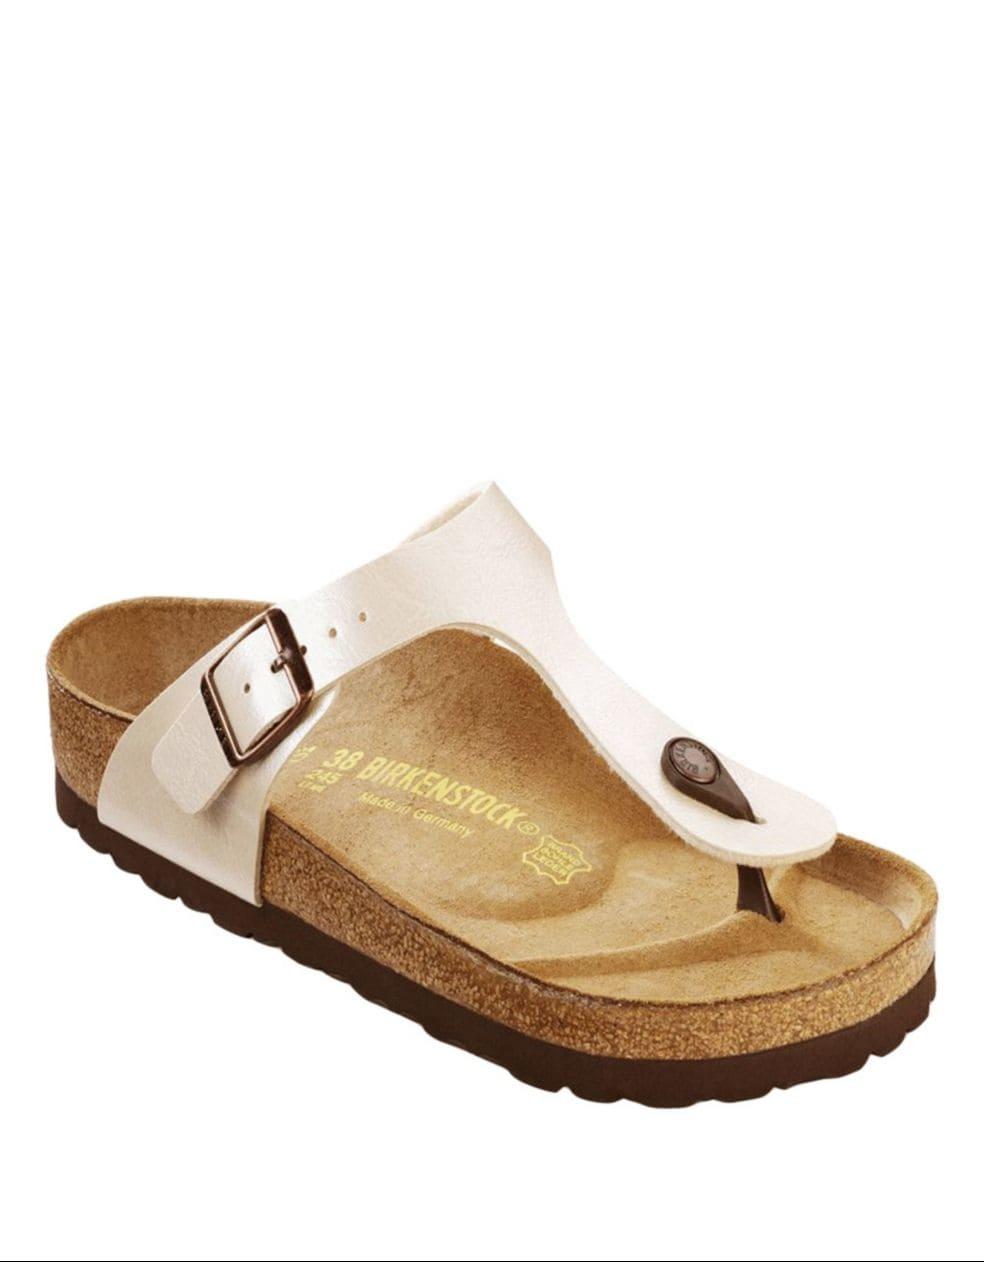 BIRKENSTOCK. Womens Gizeh Thong Sandals .